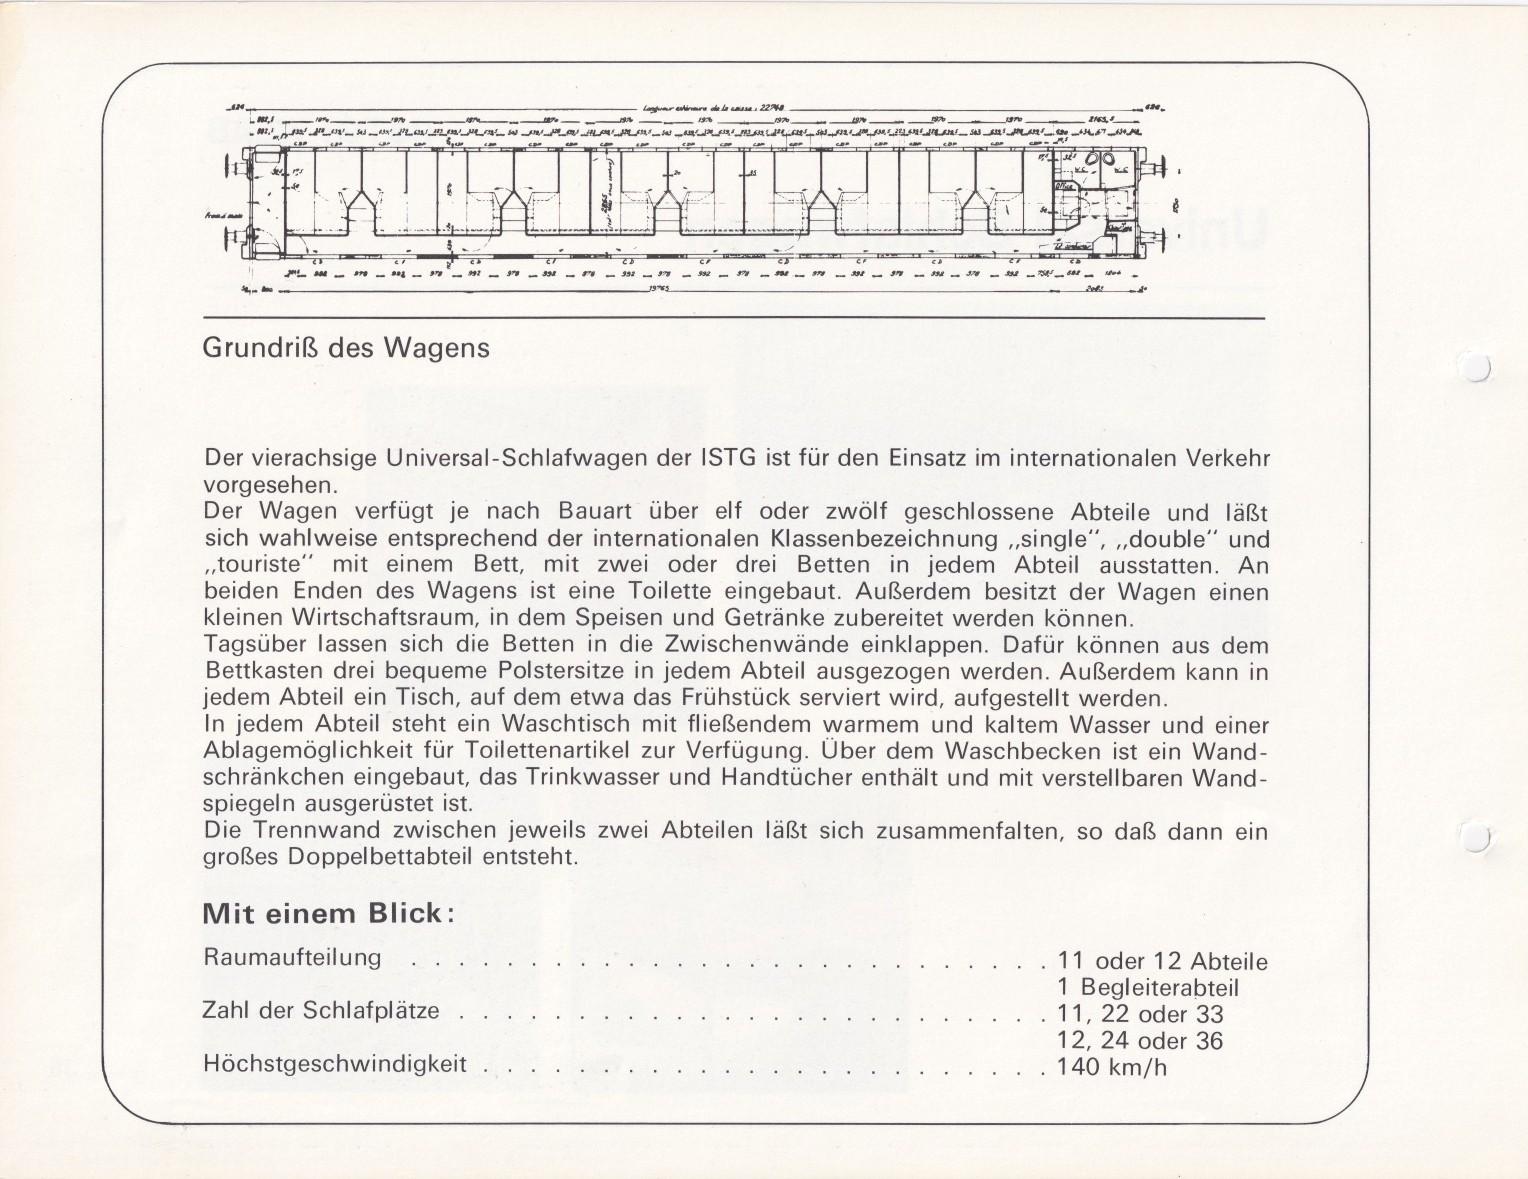 https://www.nullclub.de/hifo/Fahrzeuglexikon/Wagen38b.jpg